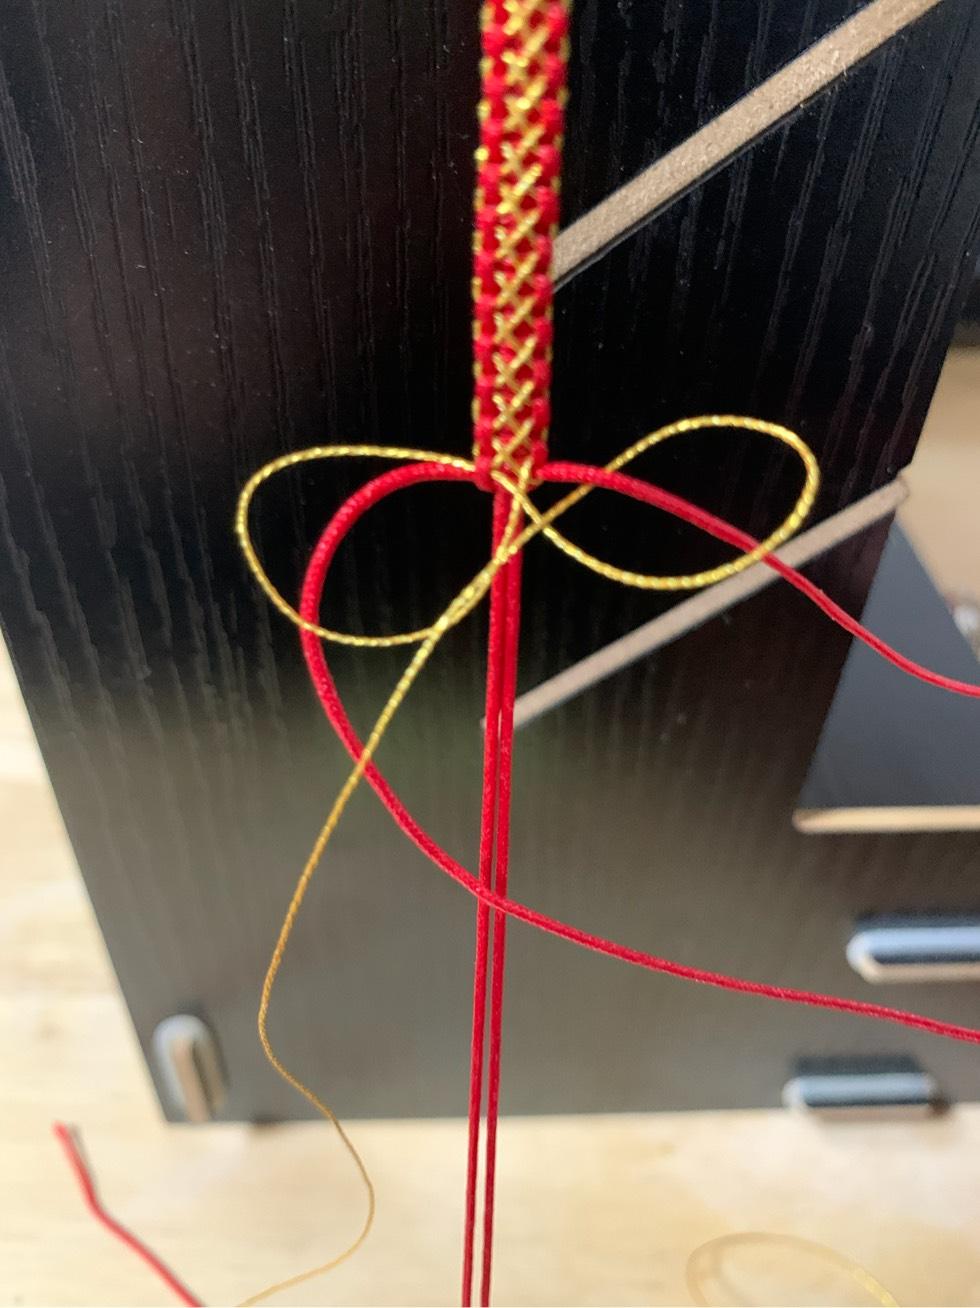 中国结论坛 平结加金线手绳简单编法 一根绳子编法大全简单,金线红绳手链编织,二根绳子各种编法图解,平结加金线的编法,绕金线手链编法 图文教程区 205450bcocbcm7fe4zgmtu